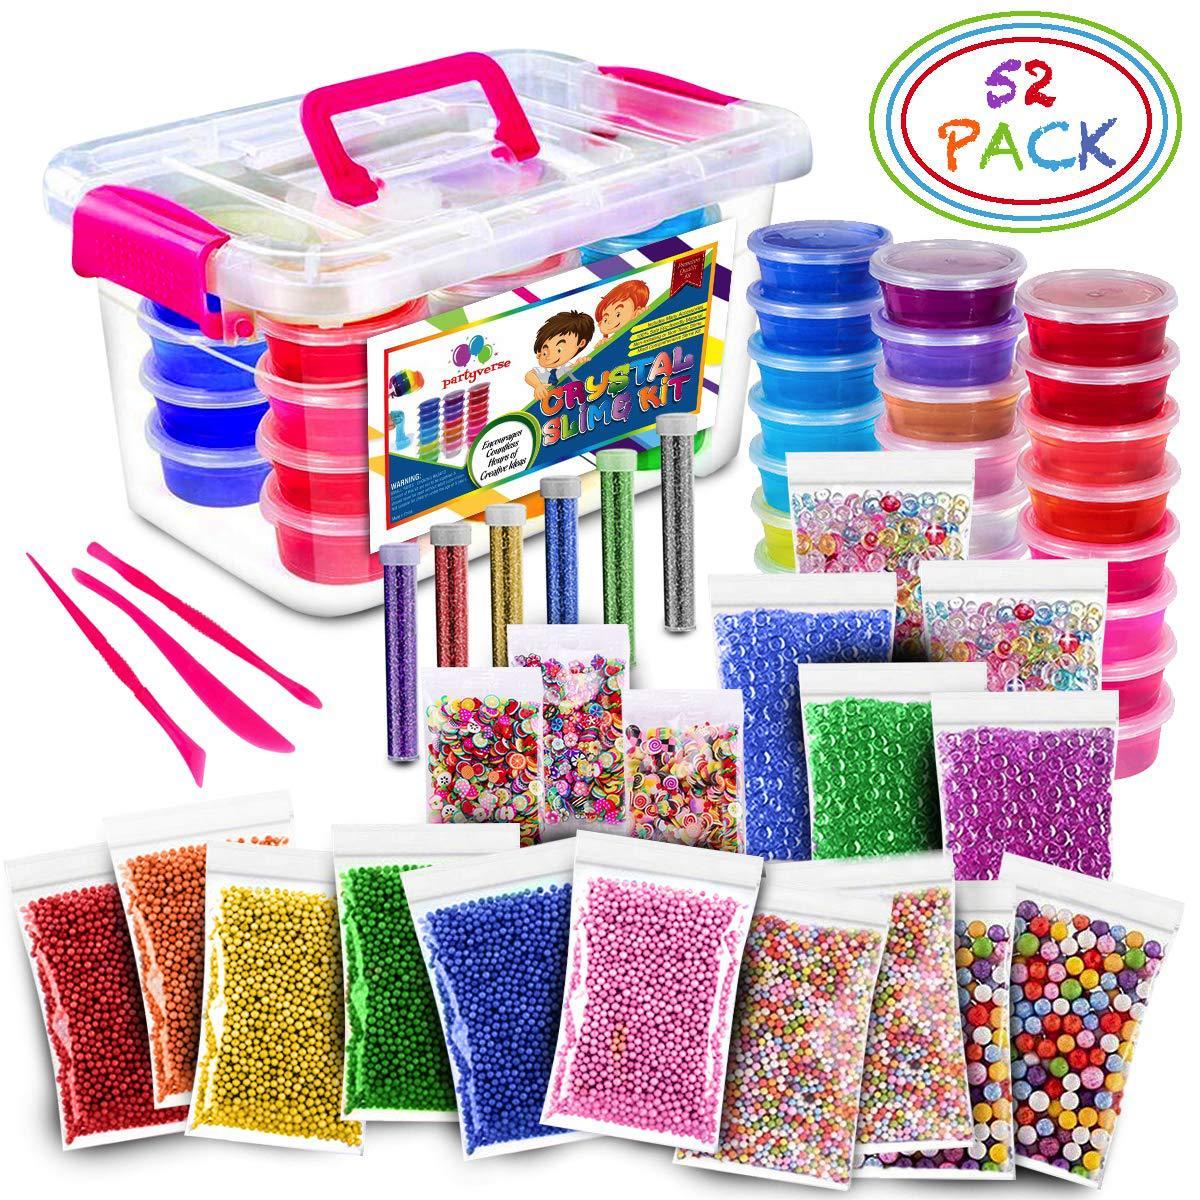 52 pacote/lote fluffy slime kit 24 cores suprimentos presentes para crianças diy kit sensorial jogo de alívio do estresse brinquedo elástico macio para crianças